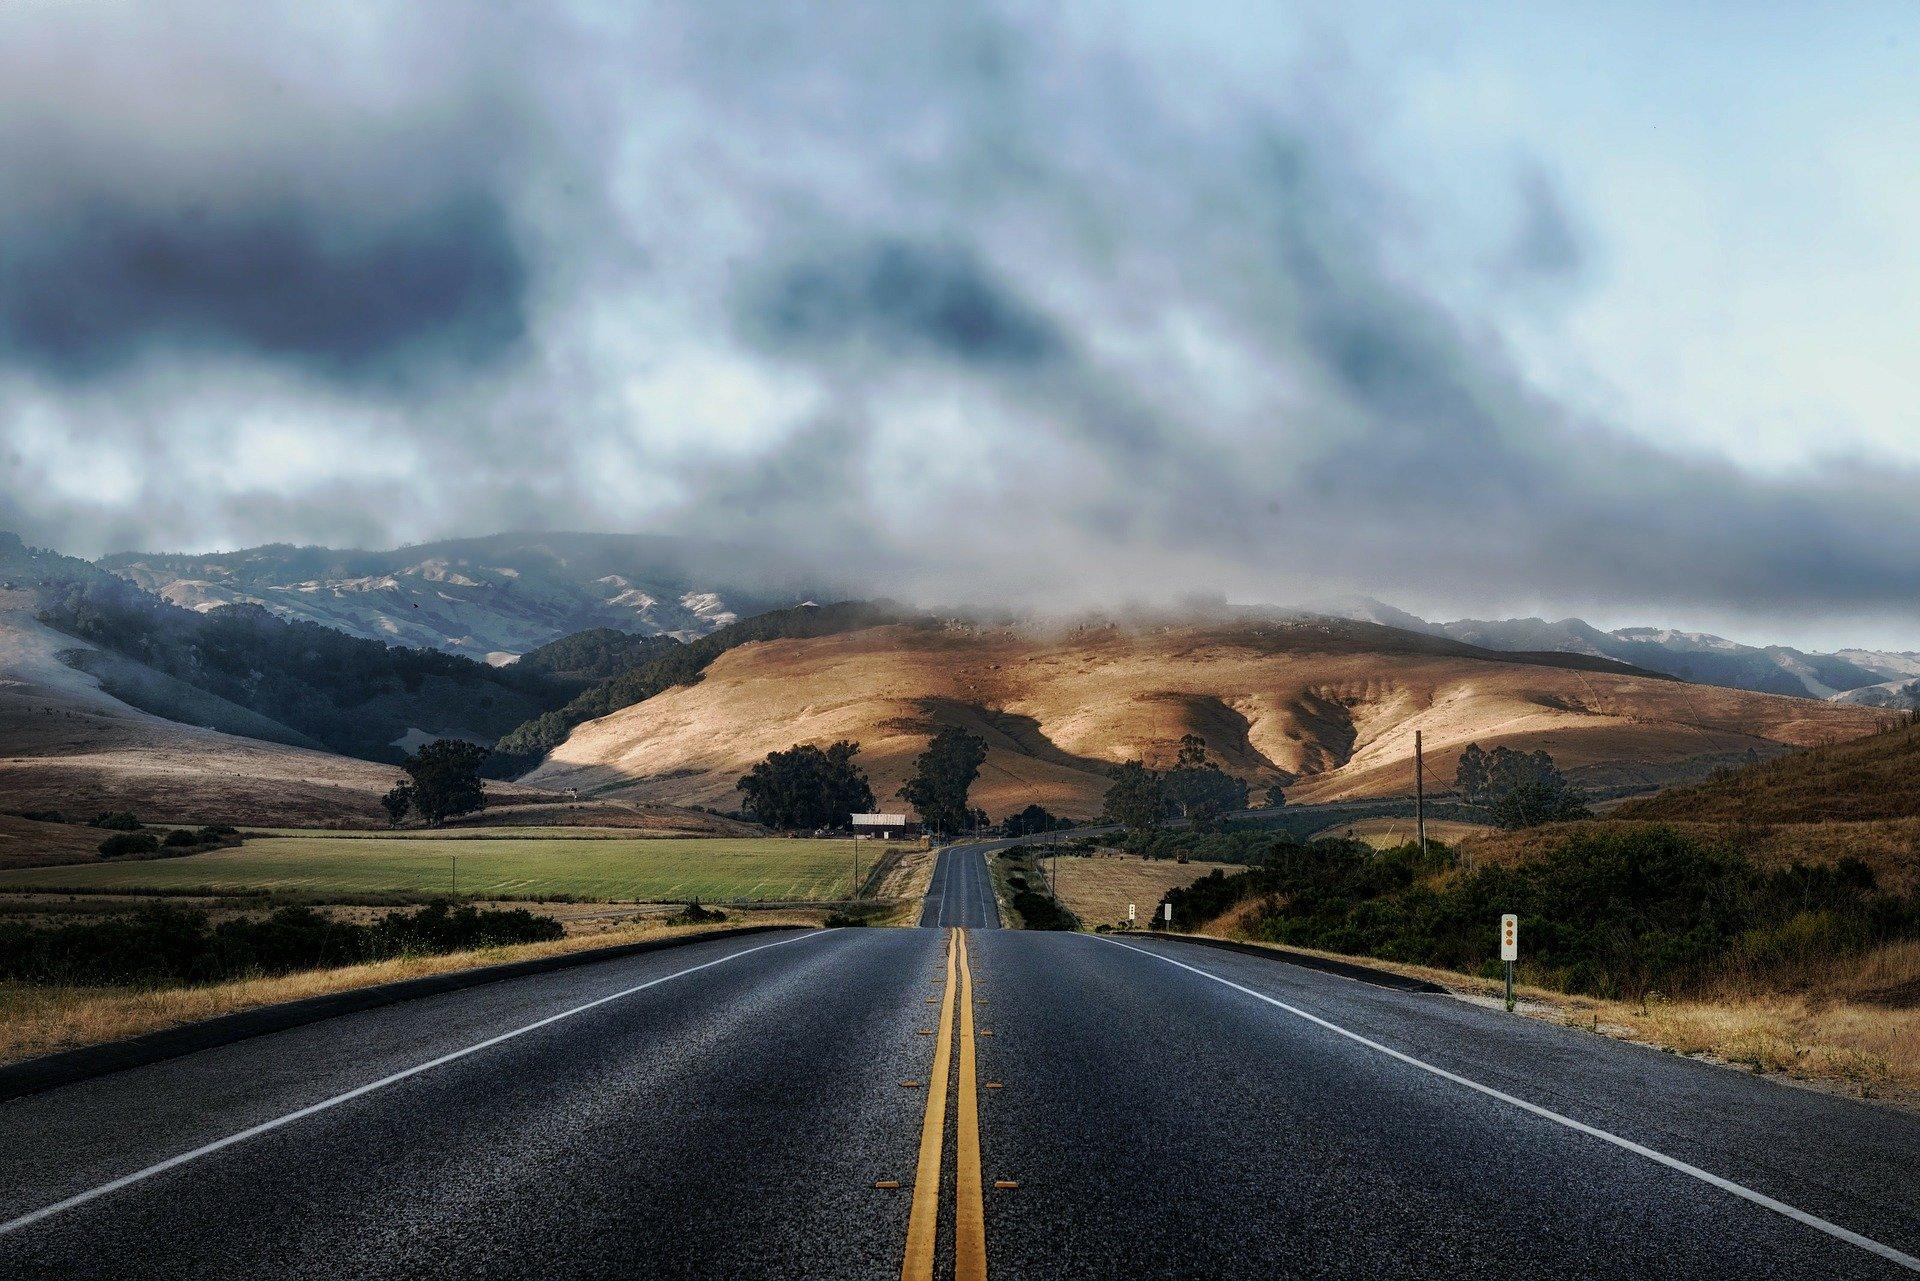 Der Weg zum Führerschein!